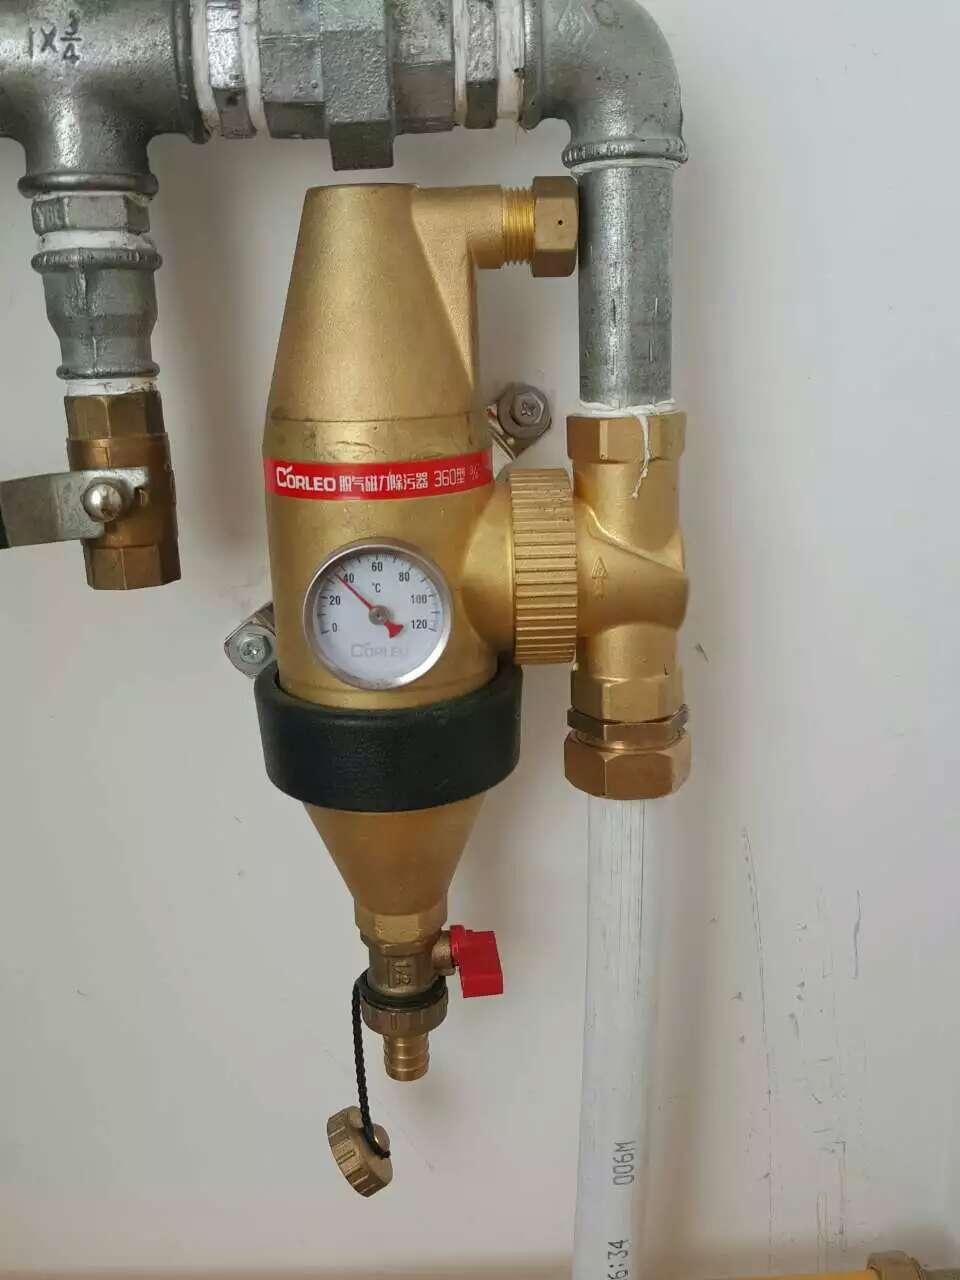 注册地:河南郑州 主营产品:螺旋脱气除污器,地暖过滤器,壁挂炉脱气阀图片